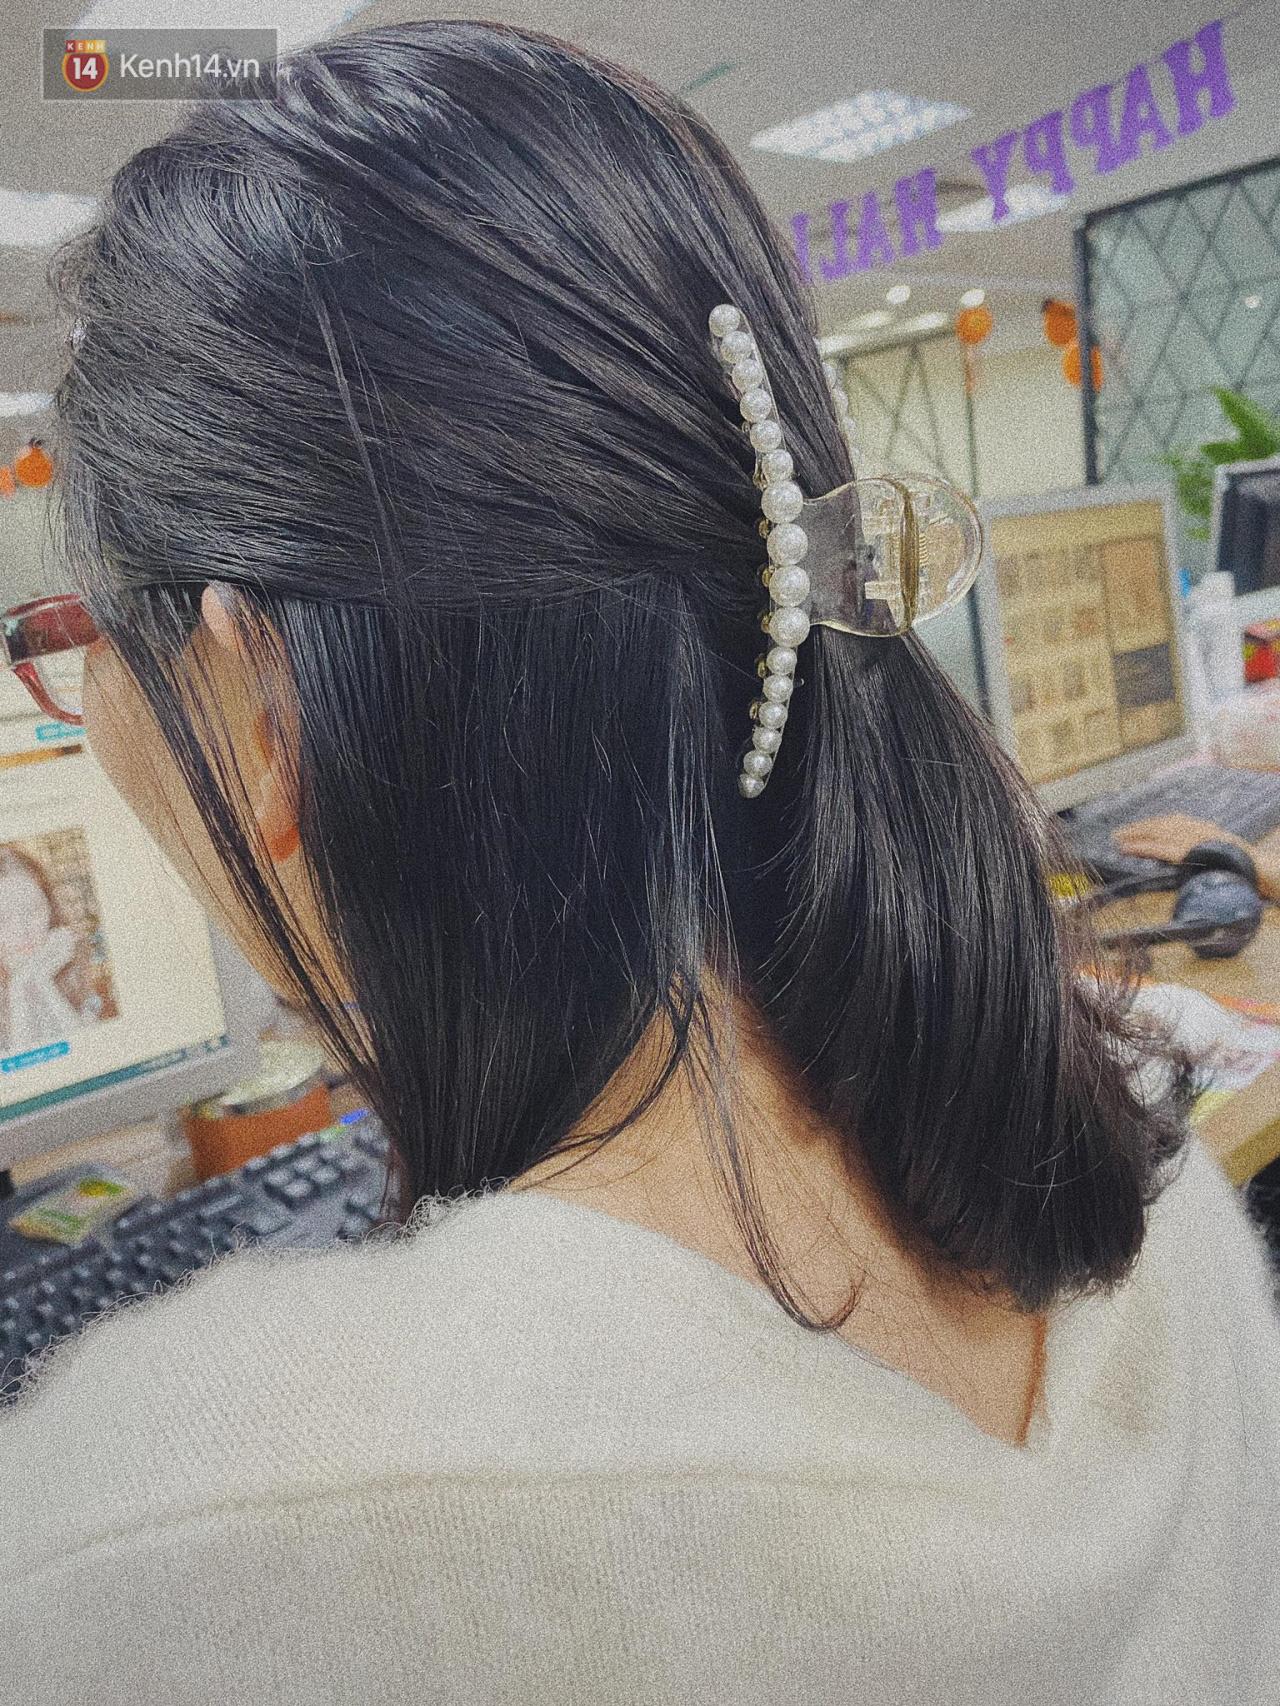 Chỉ bỏ 55k mình đã mua được combo cặp tóc cực Hàn xẻng - Ảnh 2.